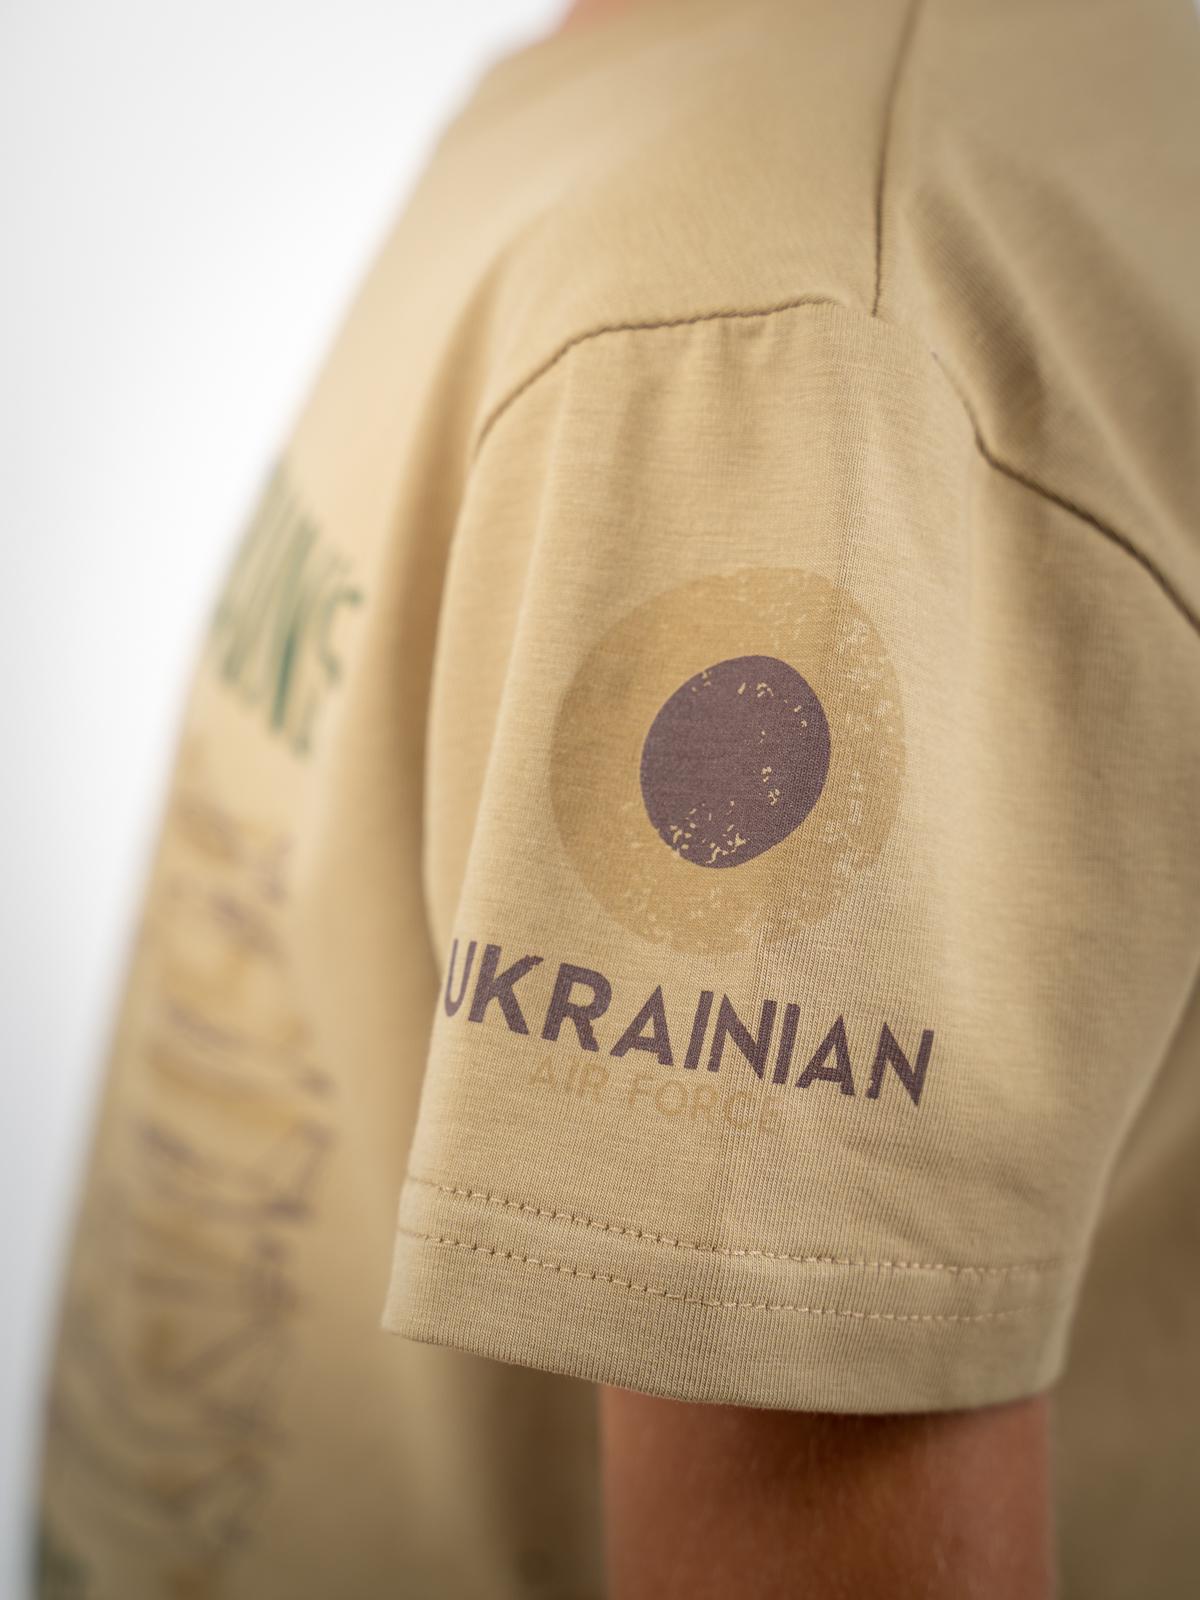 Дитяча Футболка Born In Ukraine. Колір пісочний.  Технологія нанесення зображень: шовкодрук.